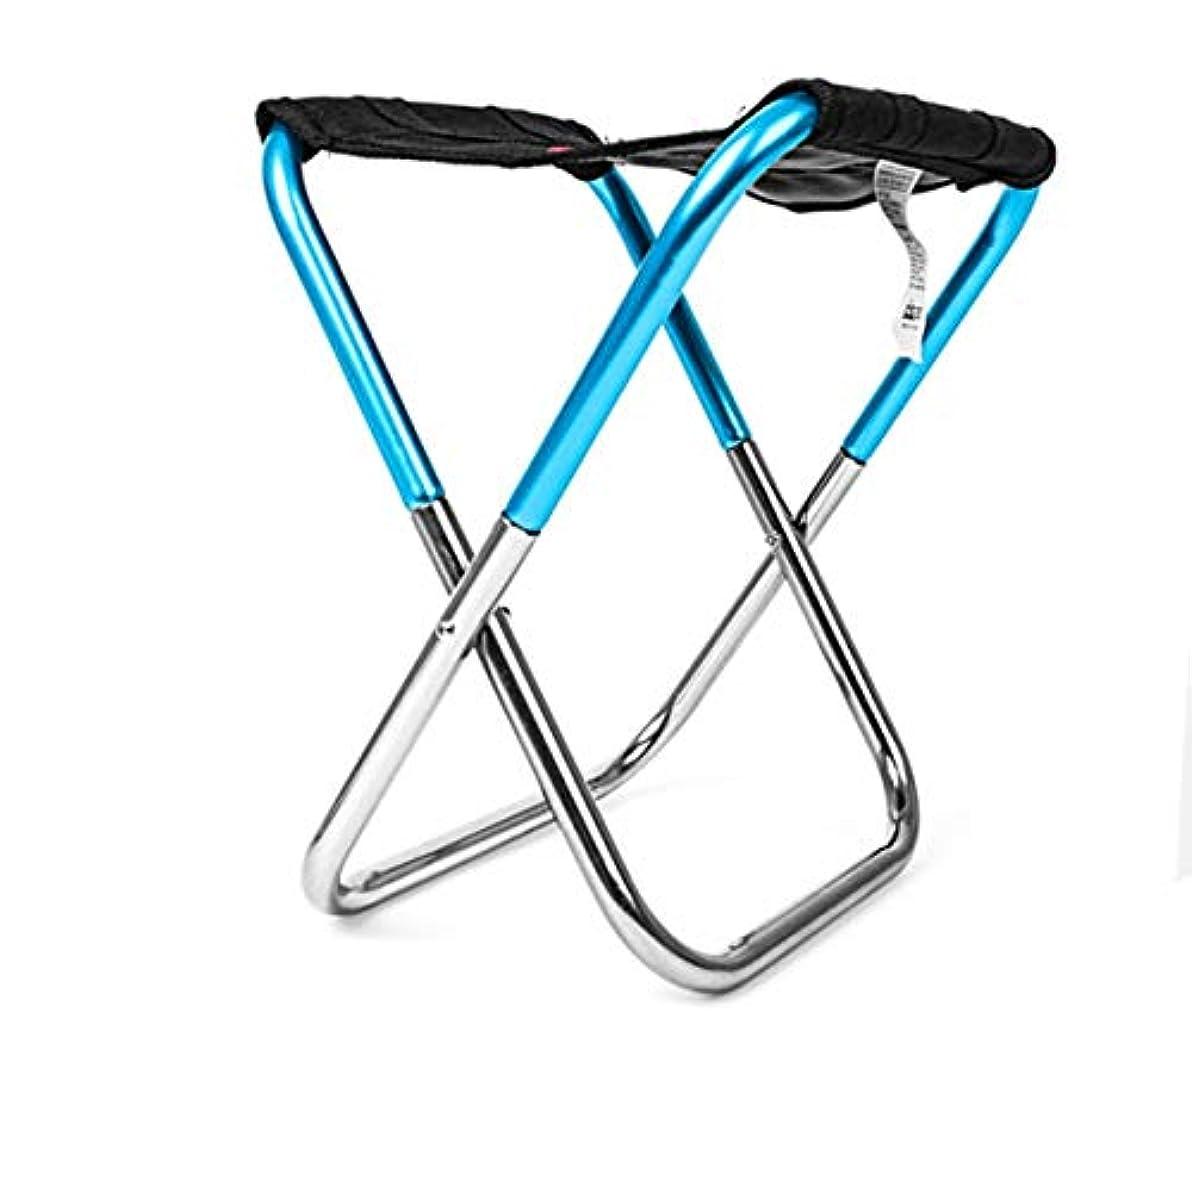 正統派心理的にそれぞれ屋外折りたたみシートチェア折りたたみミニスツールポータブルキャンプフィッシングトレインベンチ折りたたみ式並んだスツール-ブルー